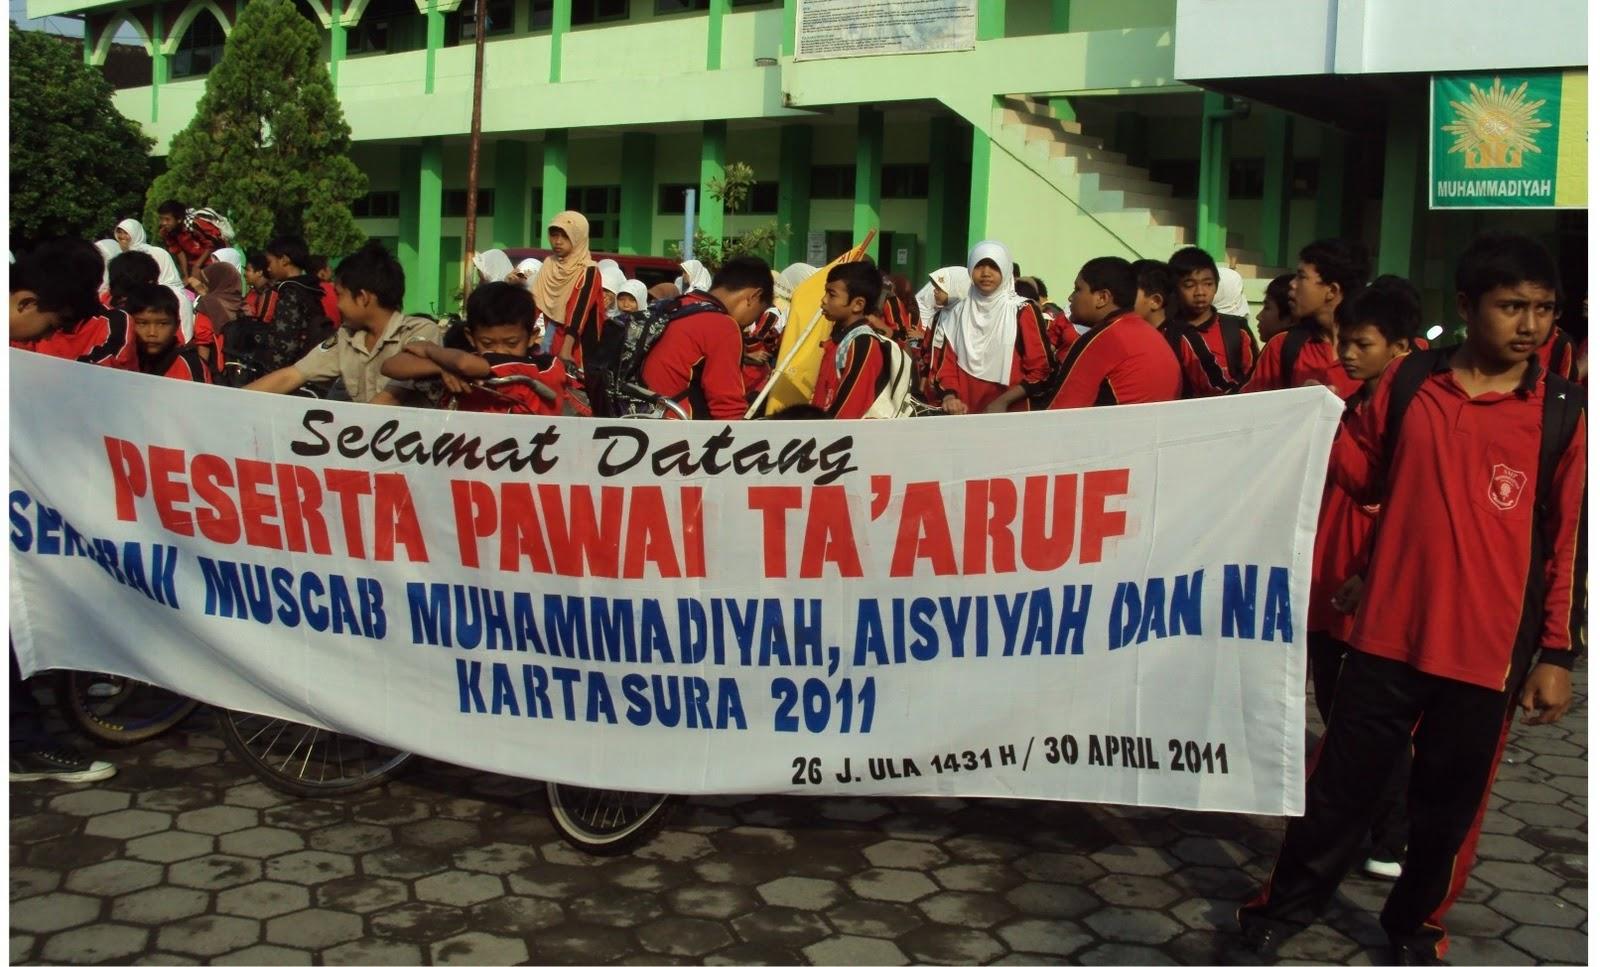 SMP Muhammadiyah 1 Kartasura